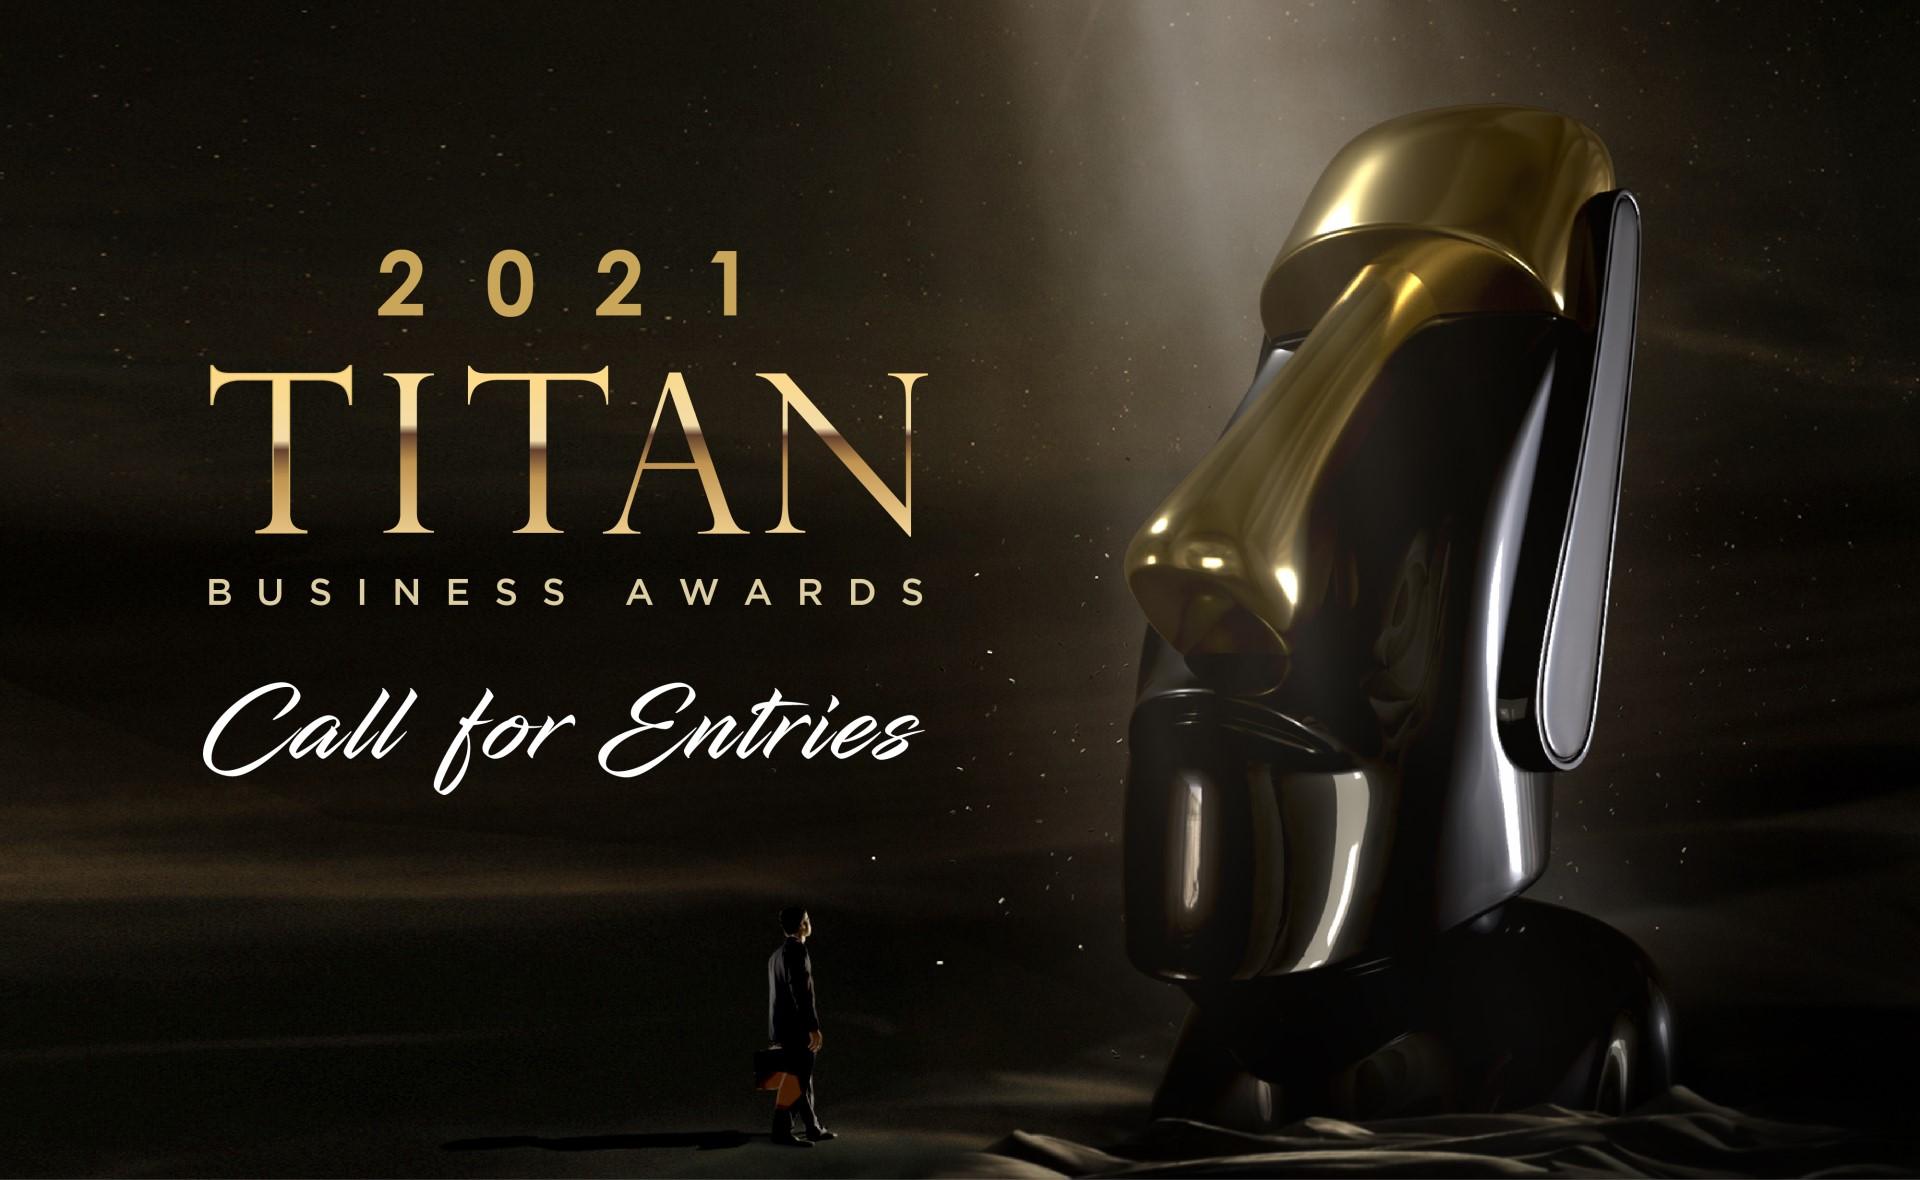 TITAN Business Awards